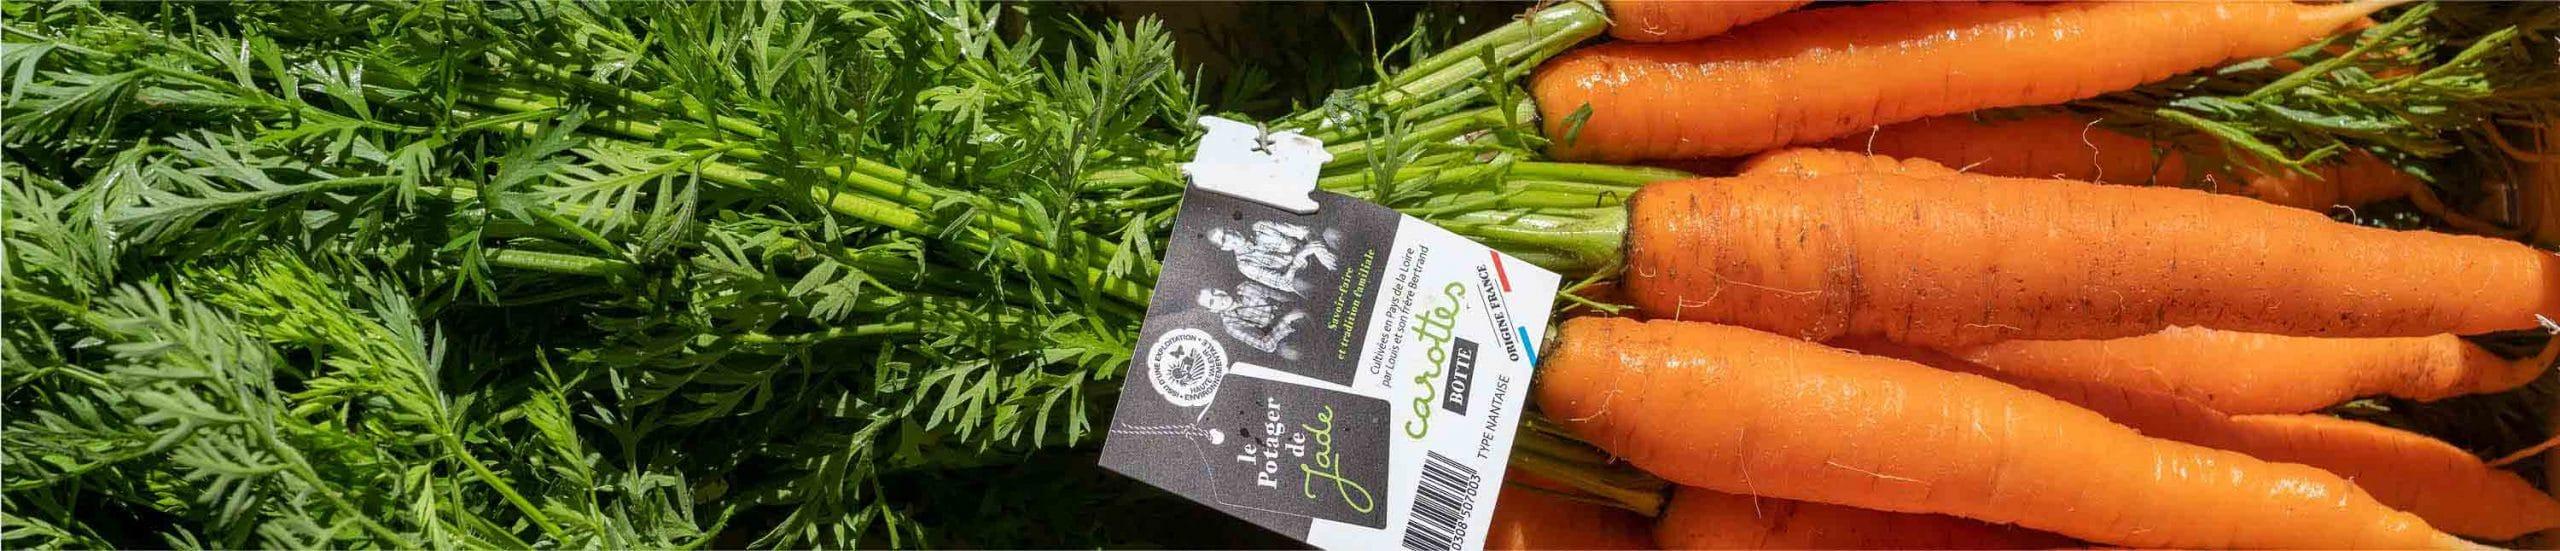 Gros plan sur une botte de carottes avec étiquette du Potager de Jade